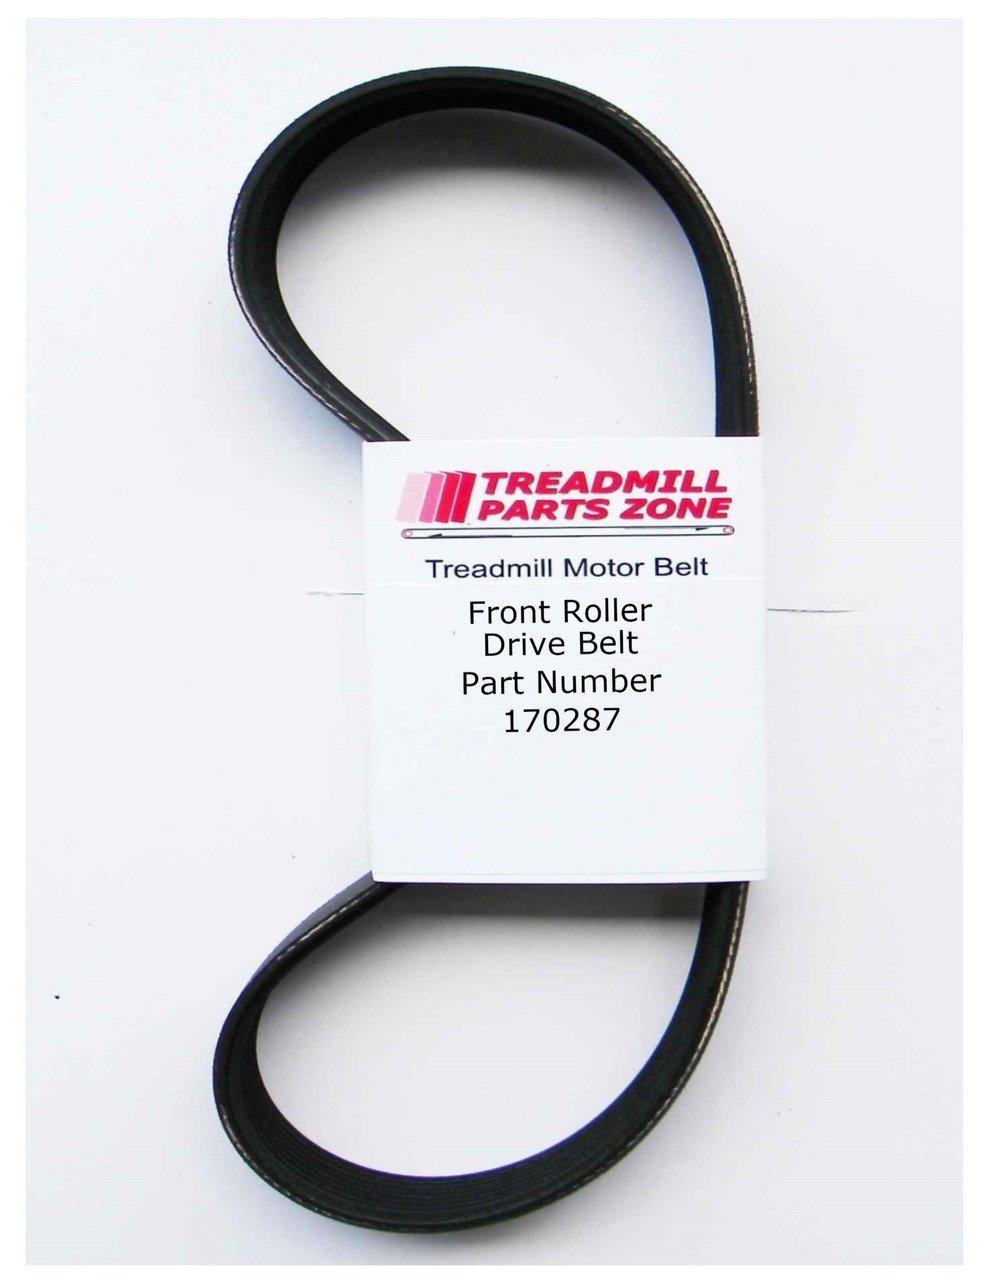 Treadmill Model HTL93940 HEALTHRIDER T650I Motor Belt Part 170287 Treadmillpartszone